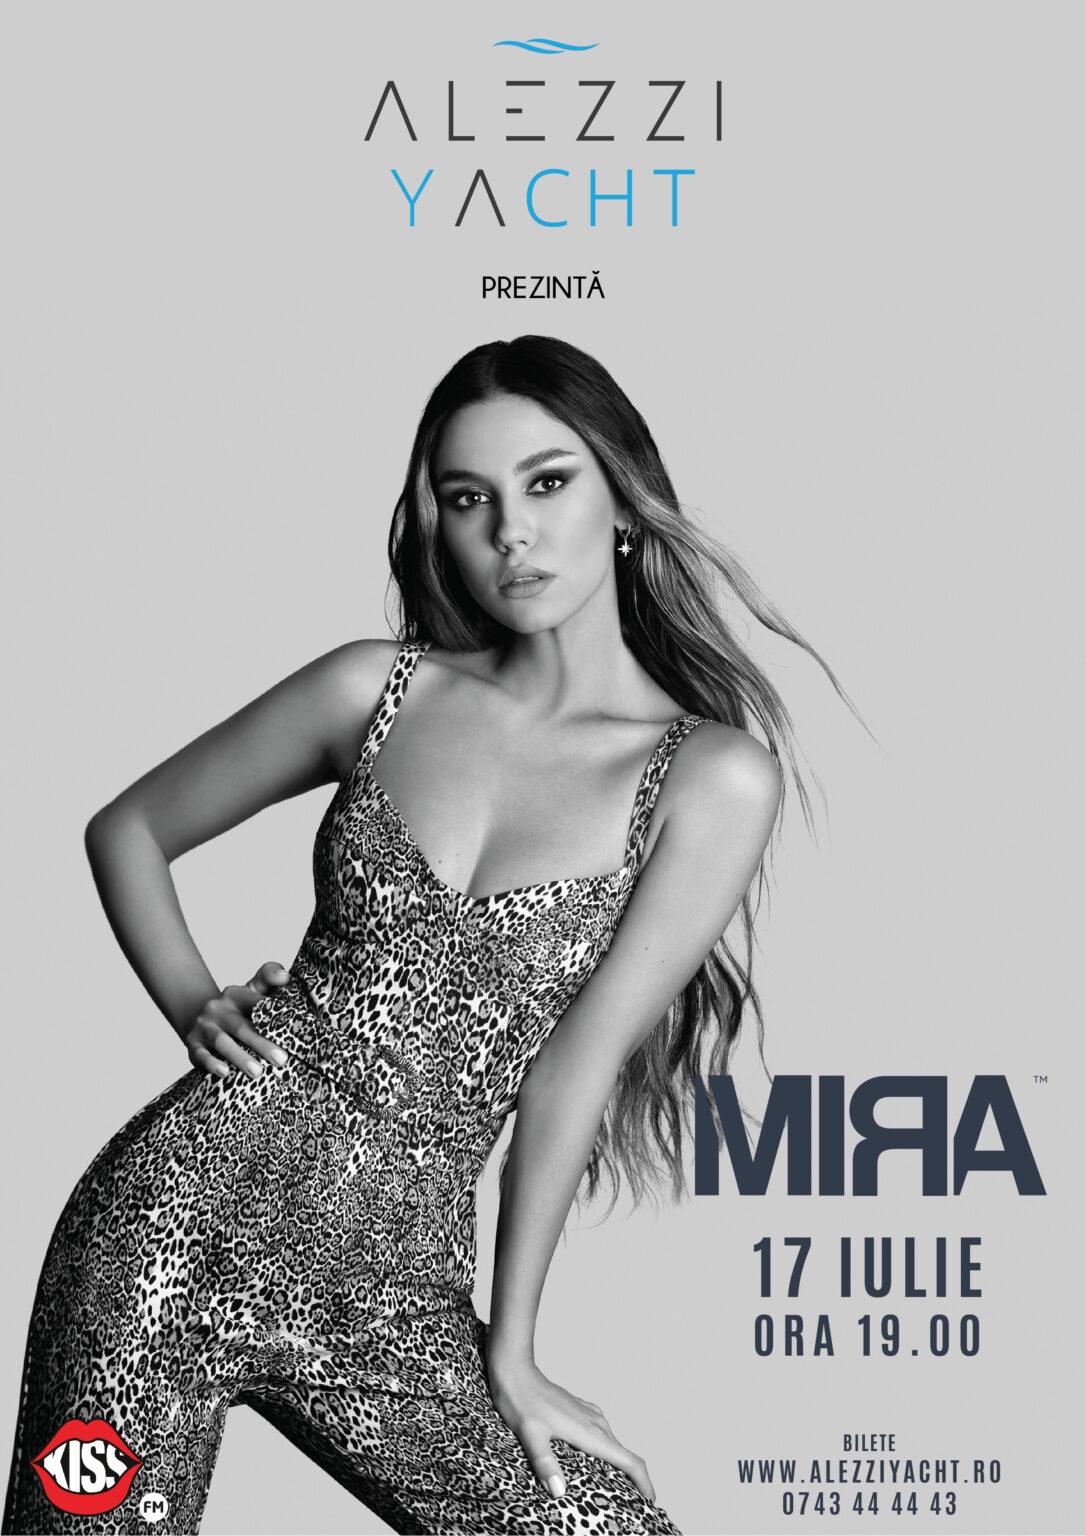 Mira Live on Alezzi Yacht